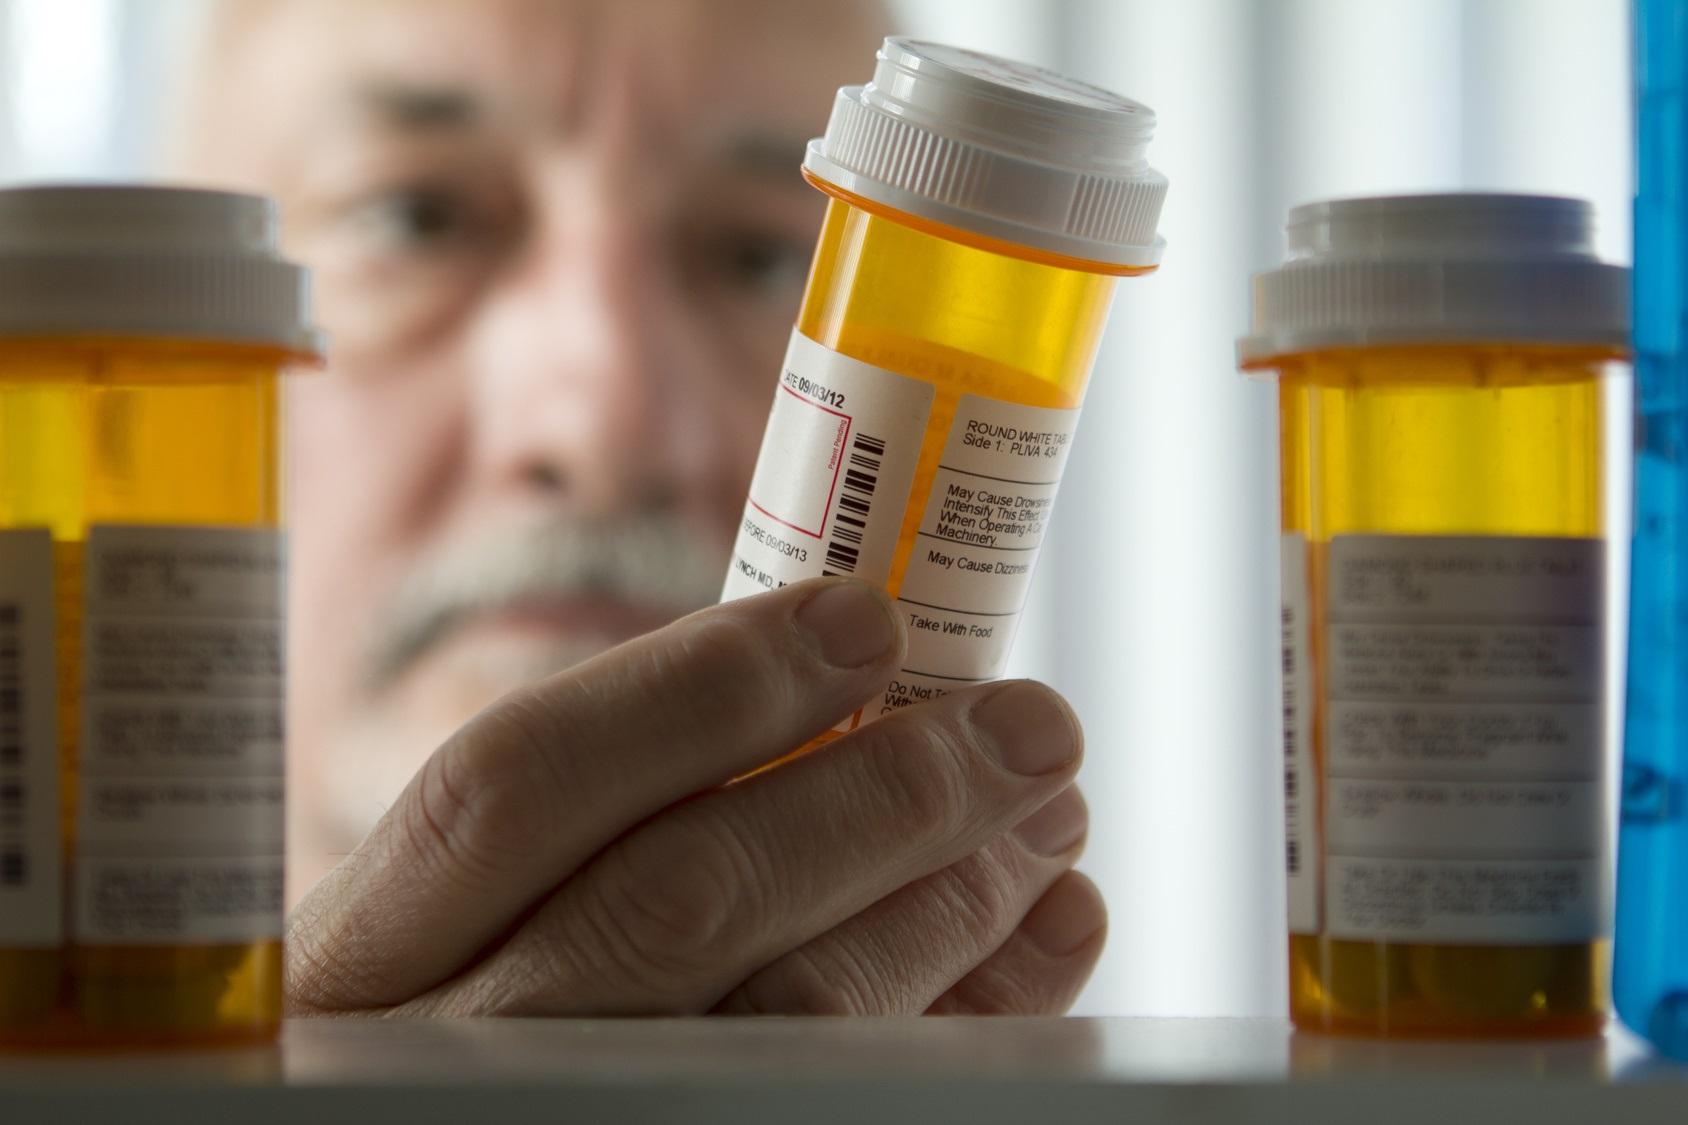 https://assets.sourcemedia.com/b5/3a/0032e60848219ae68bf49afffa38/p5-drug-slideshow.jpg